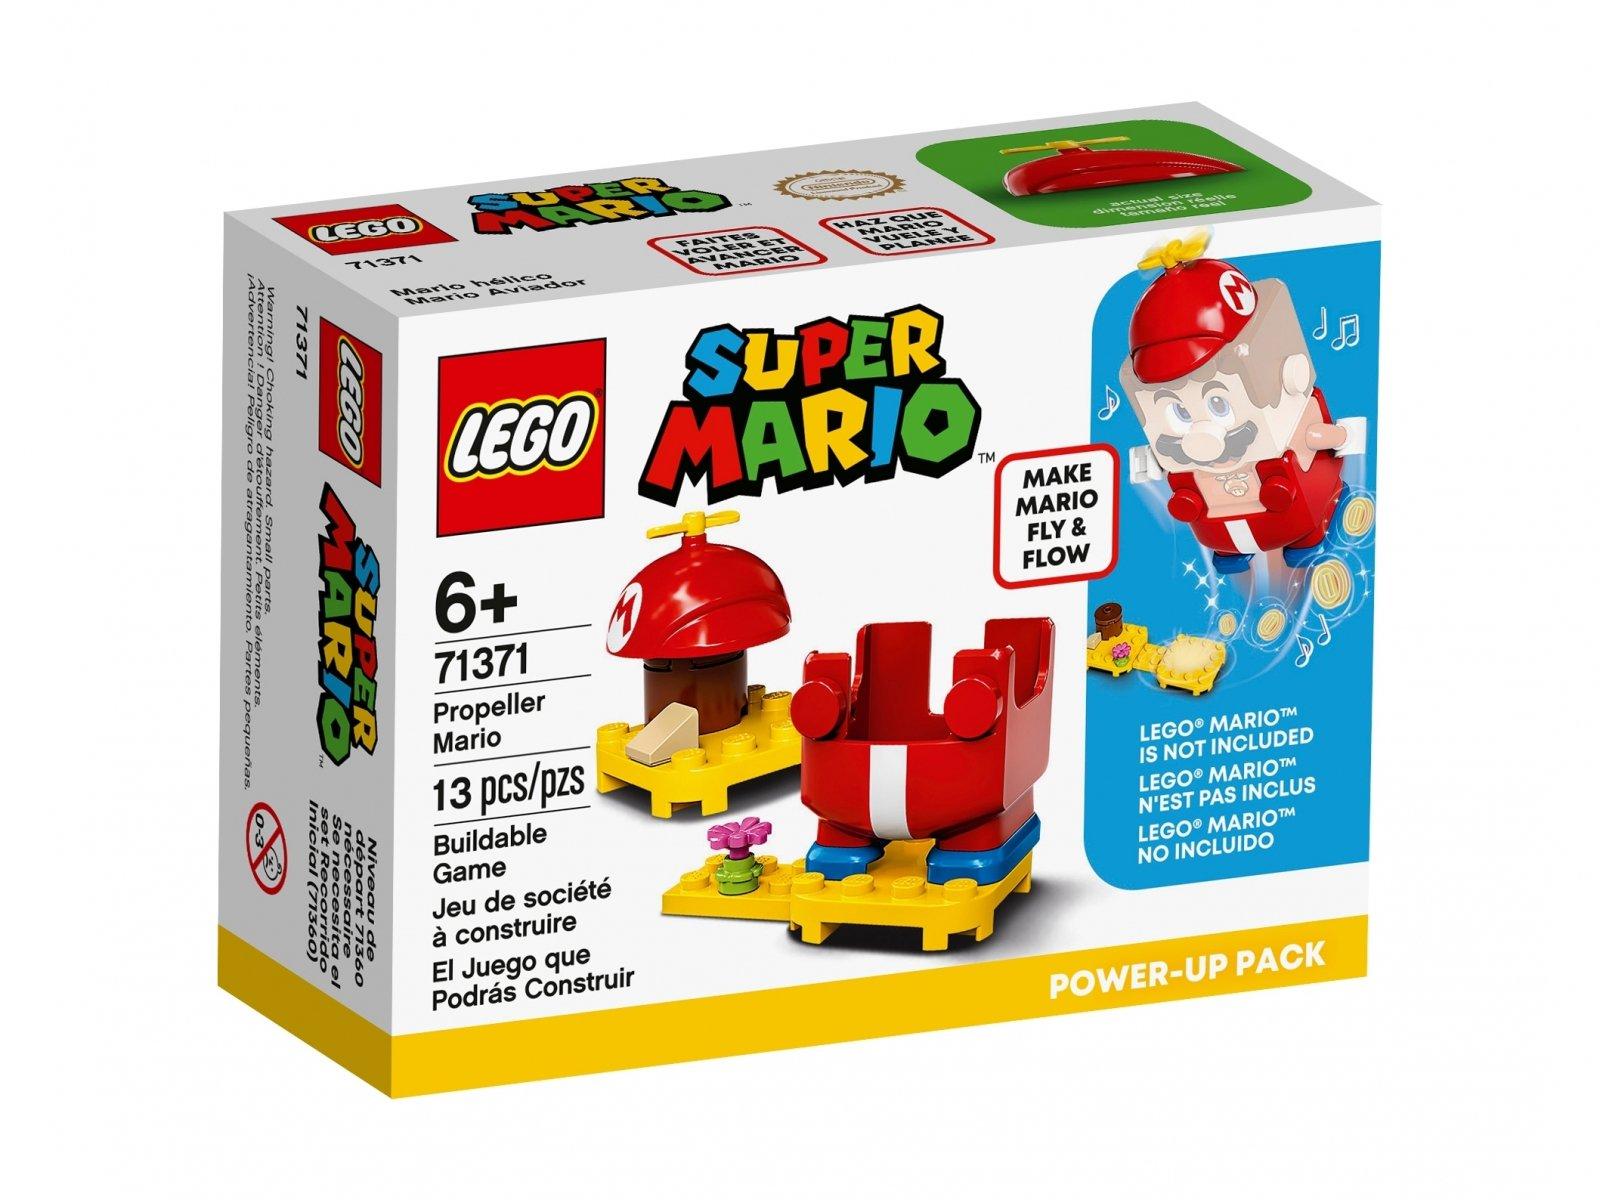 LEGO 71371 Helikopterowy Mario - dodatek